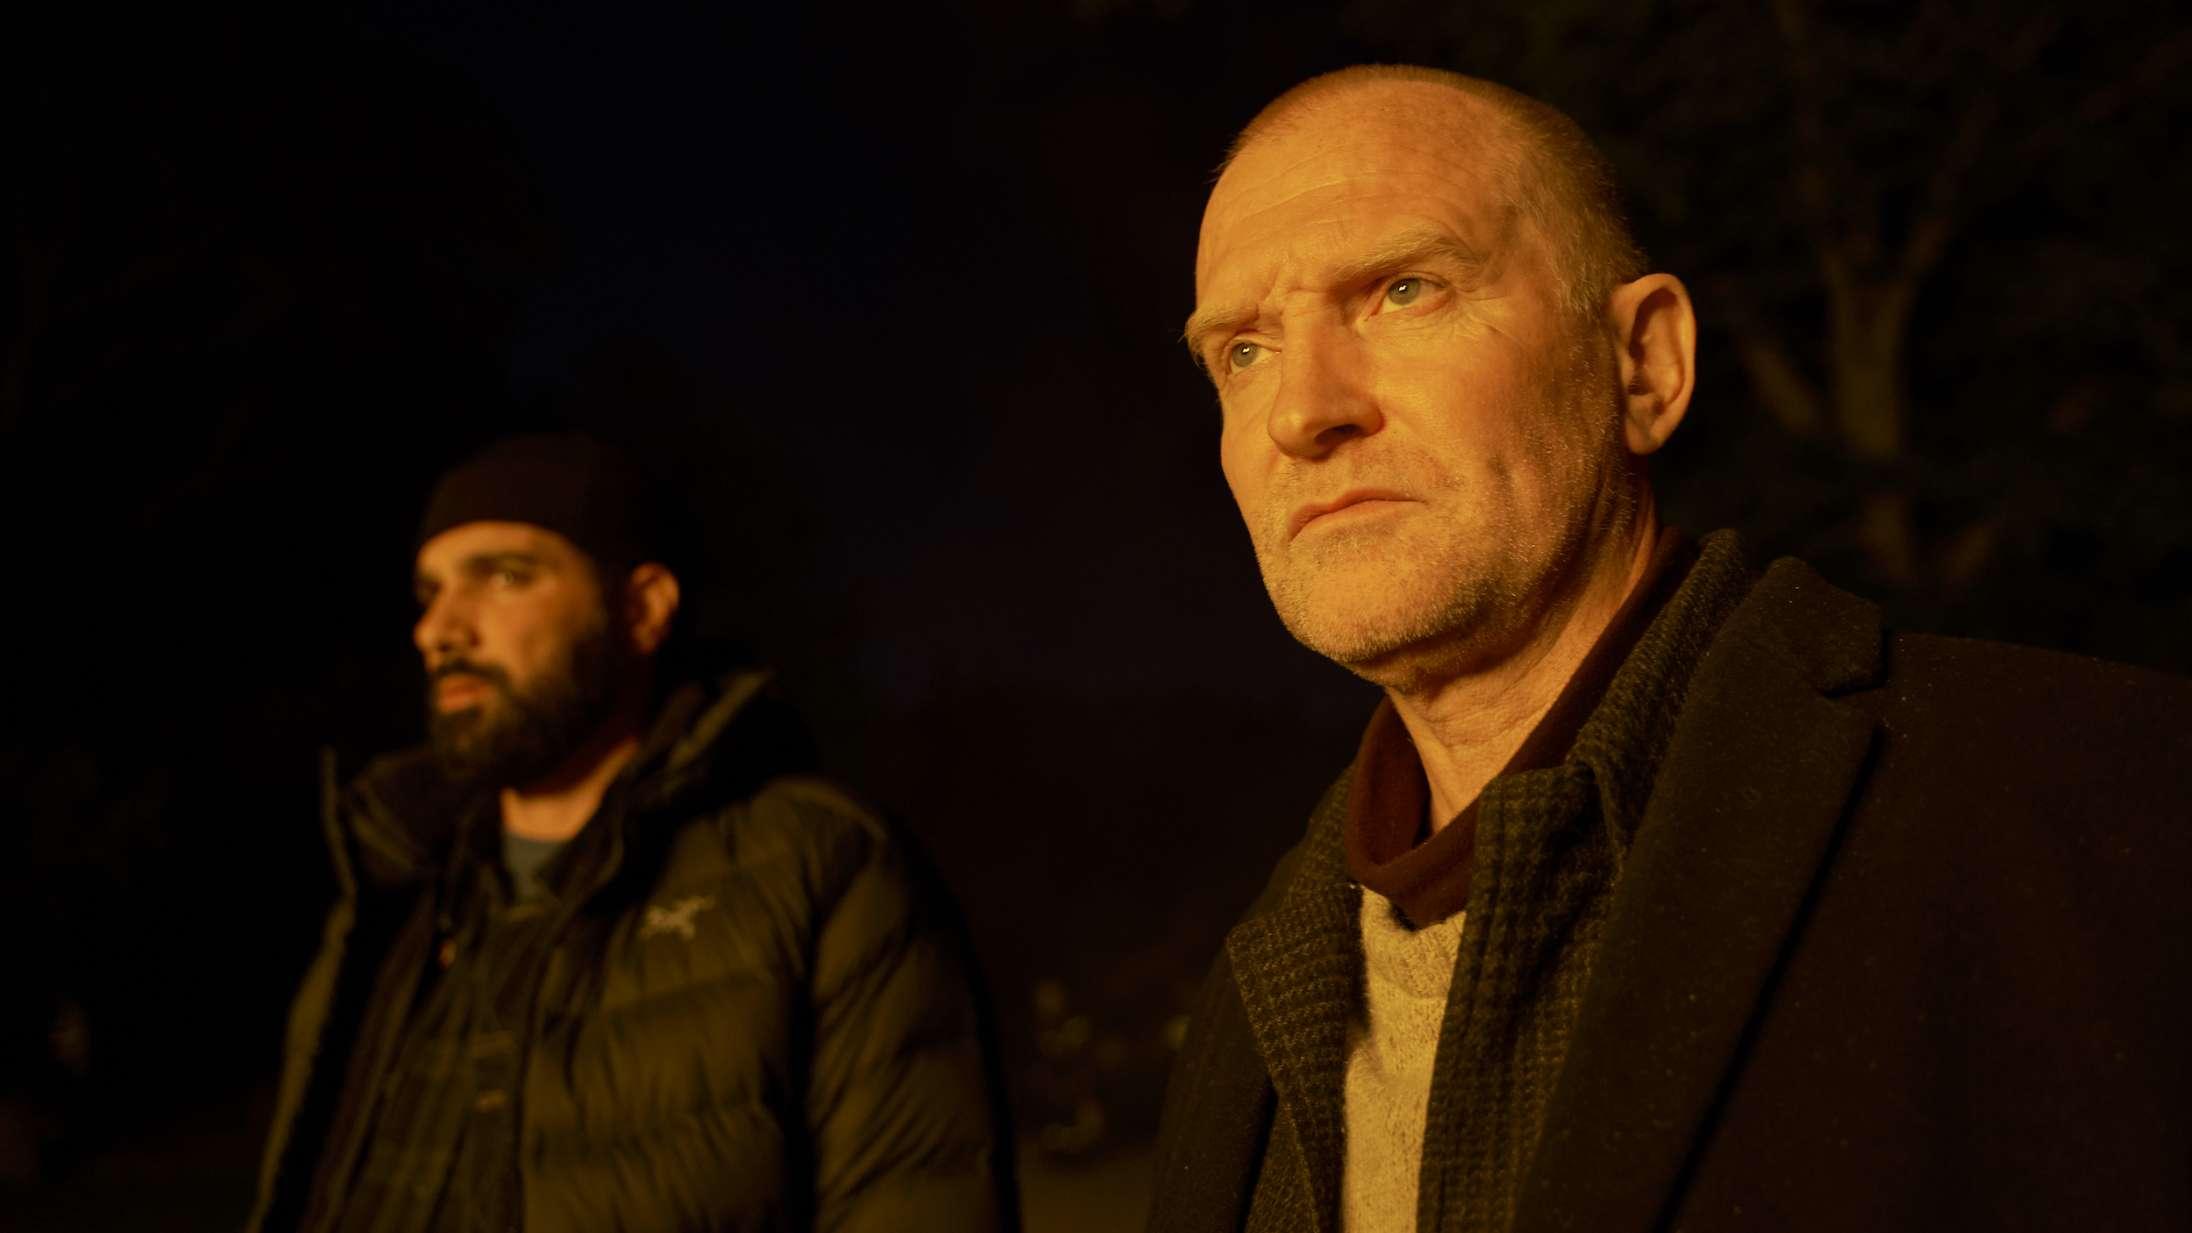 'Marco Effekten': Velvalgt Ulrich Thomsen støder hovedet mod muren i grå Afdeling Q-film